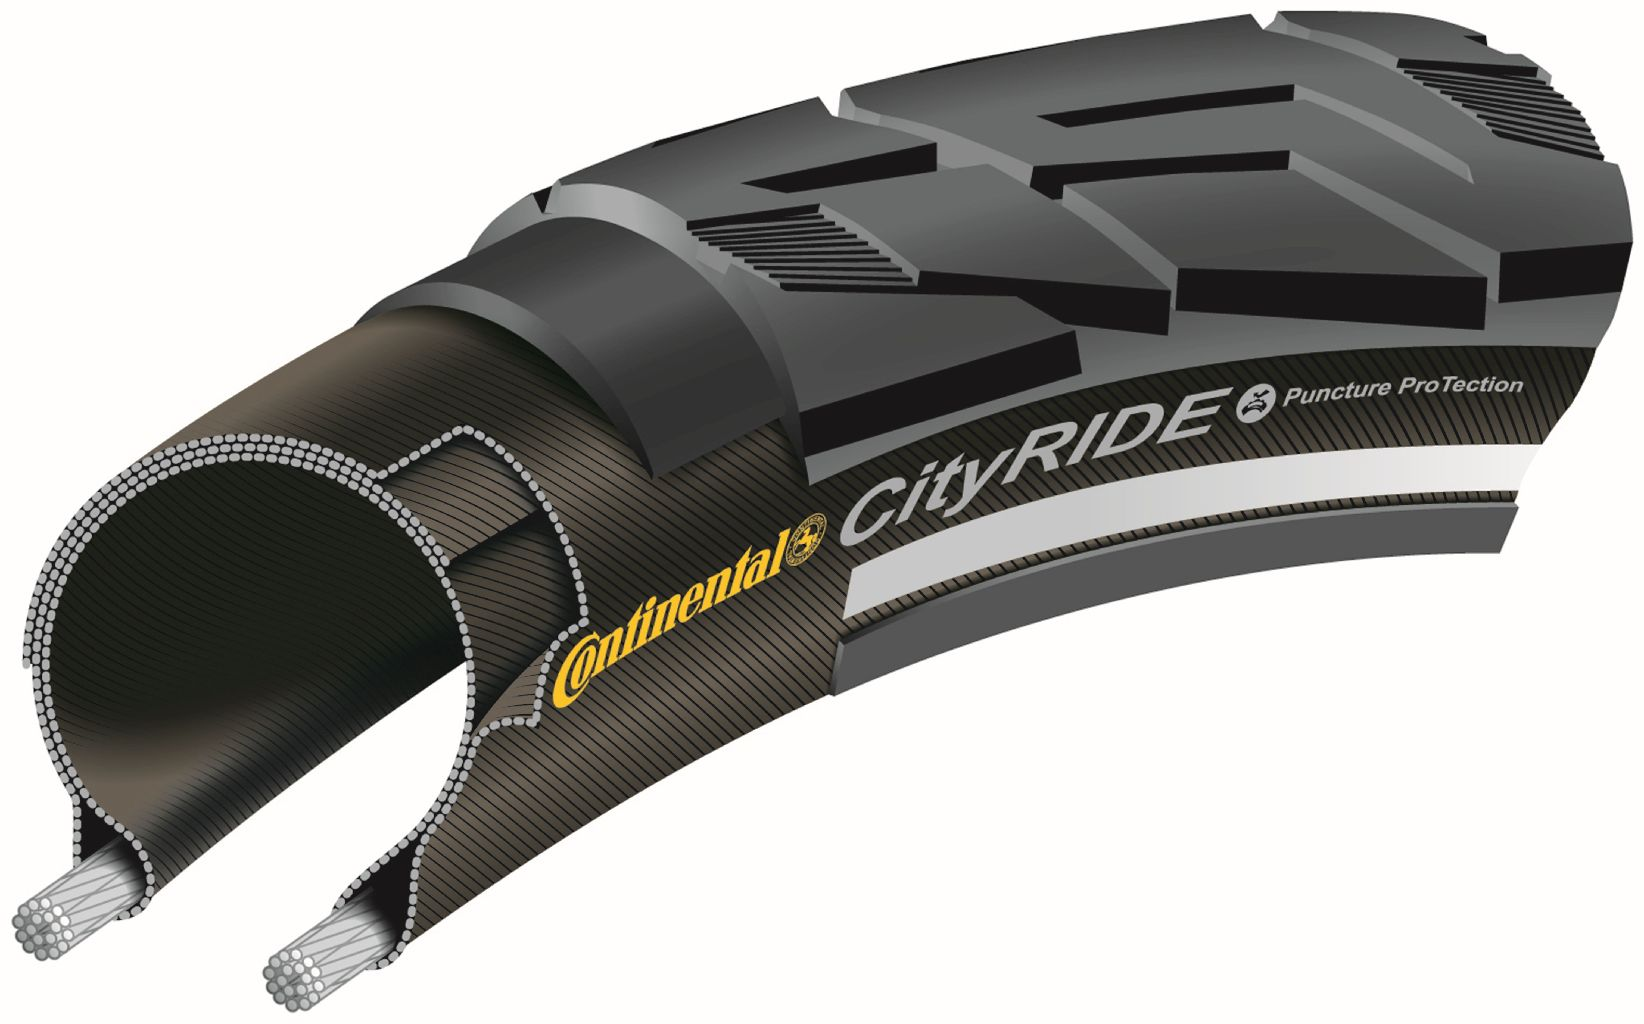 Conti CITYRIDE II 47-622 schwarz - Bikedreams & Dustbikes